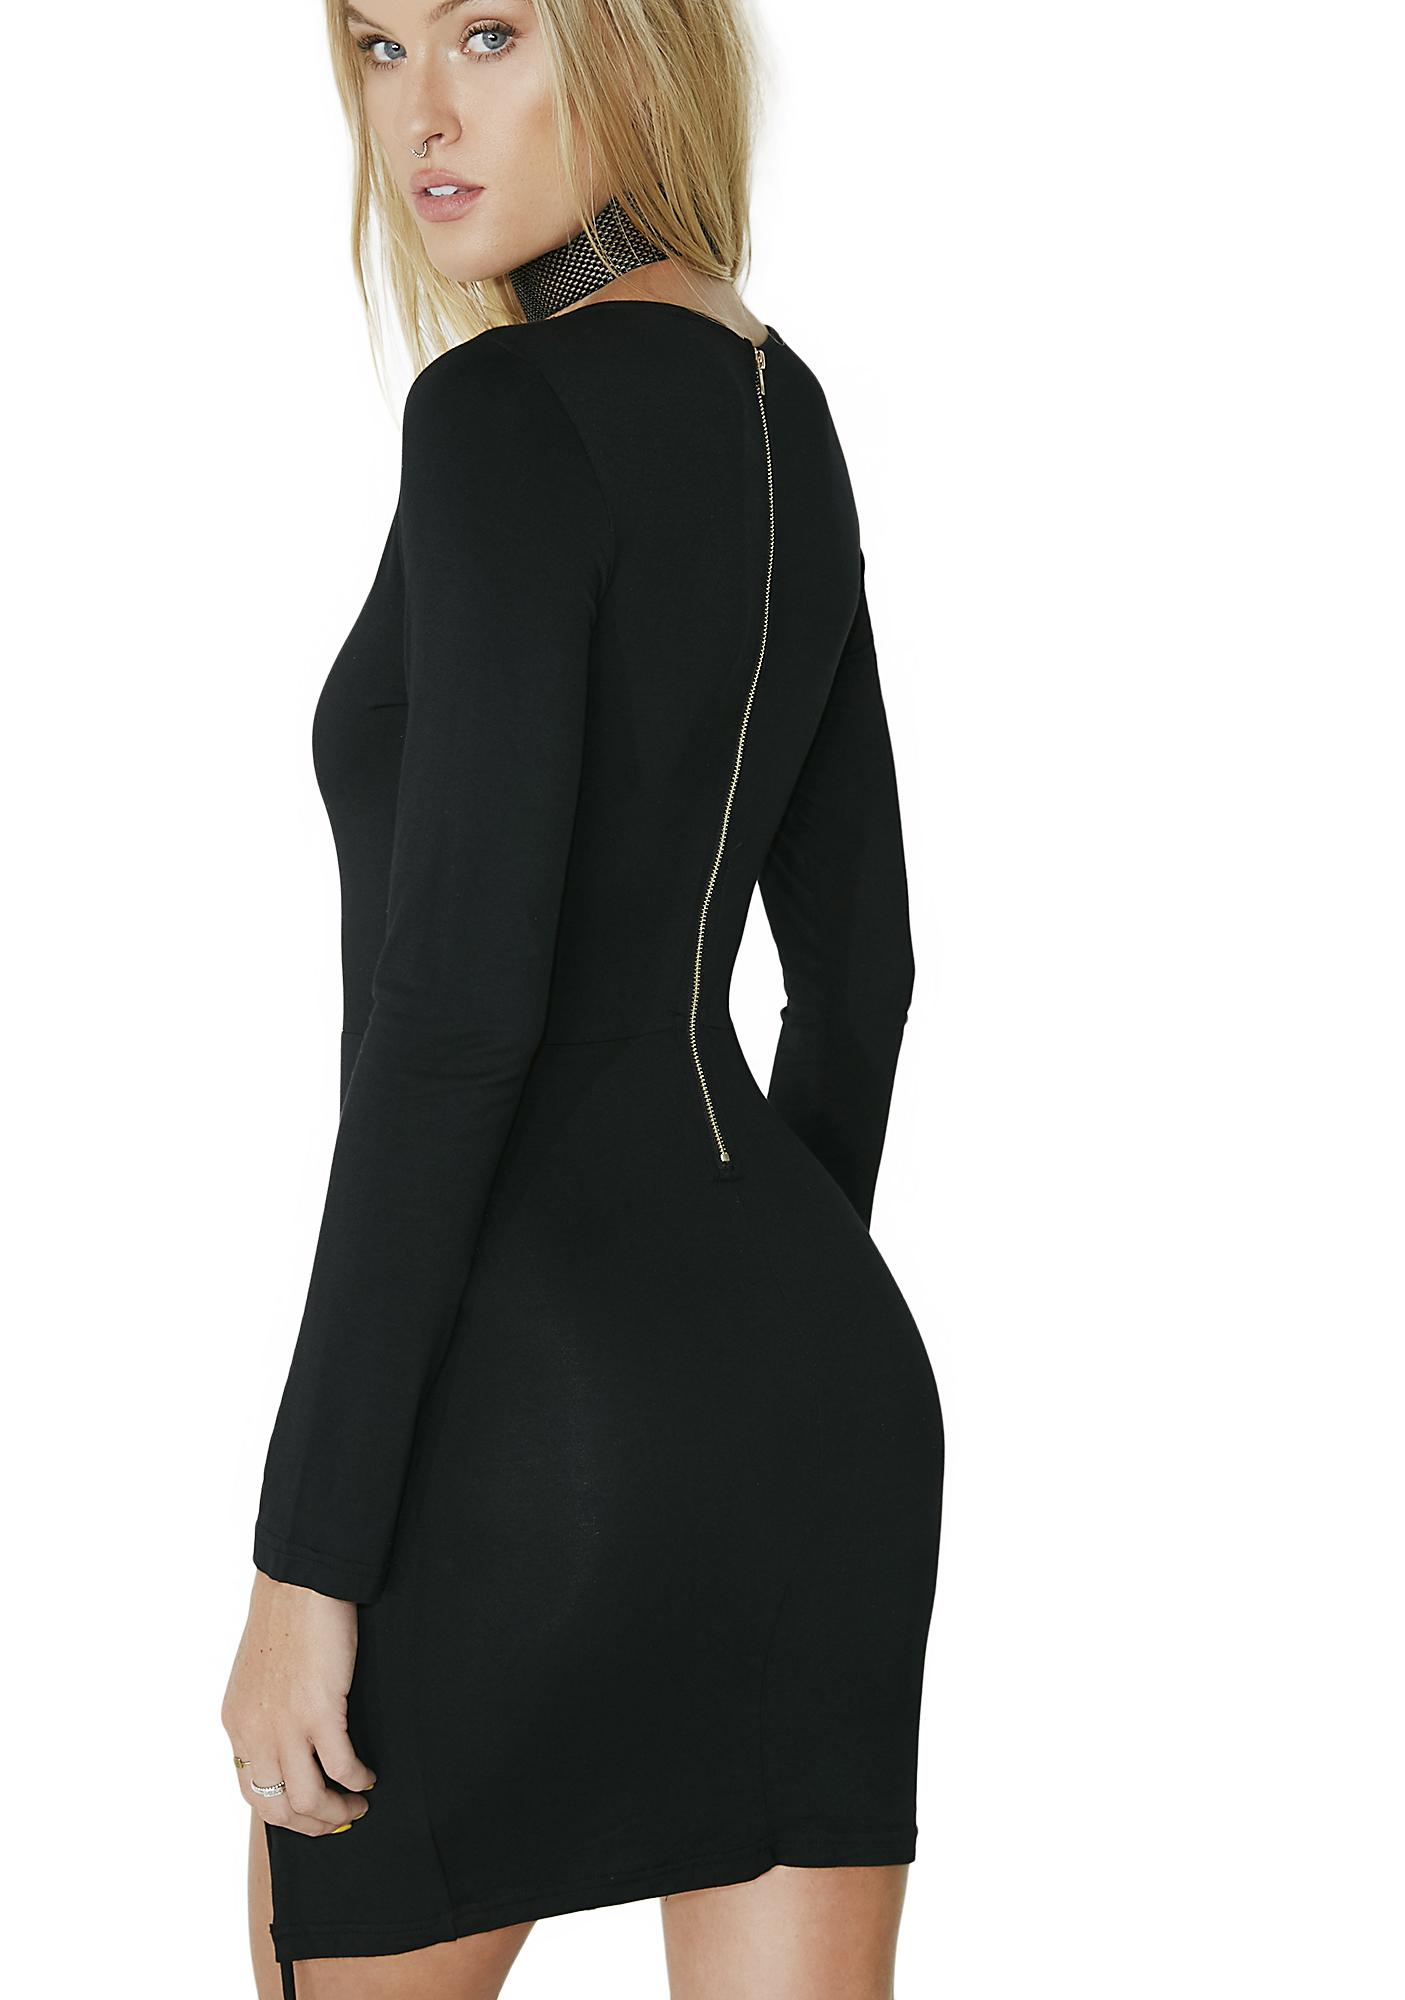 Sister Salem Lace-Up Dress